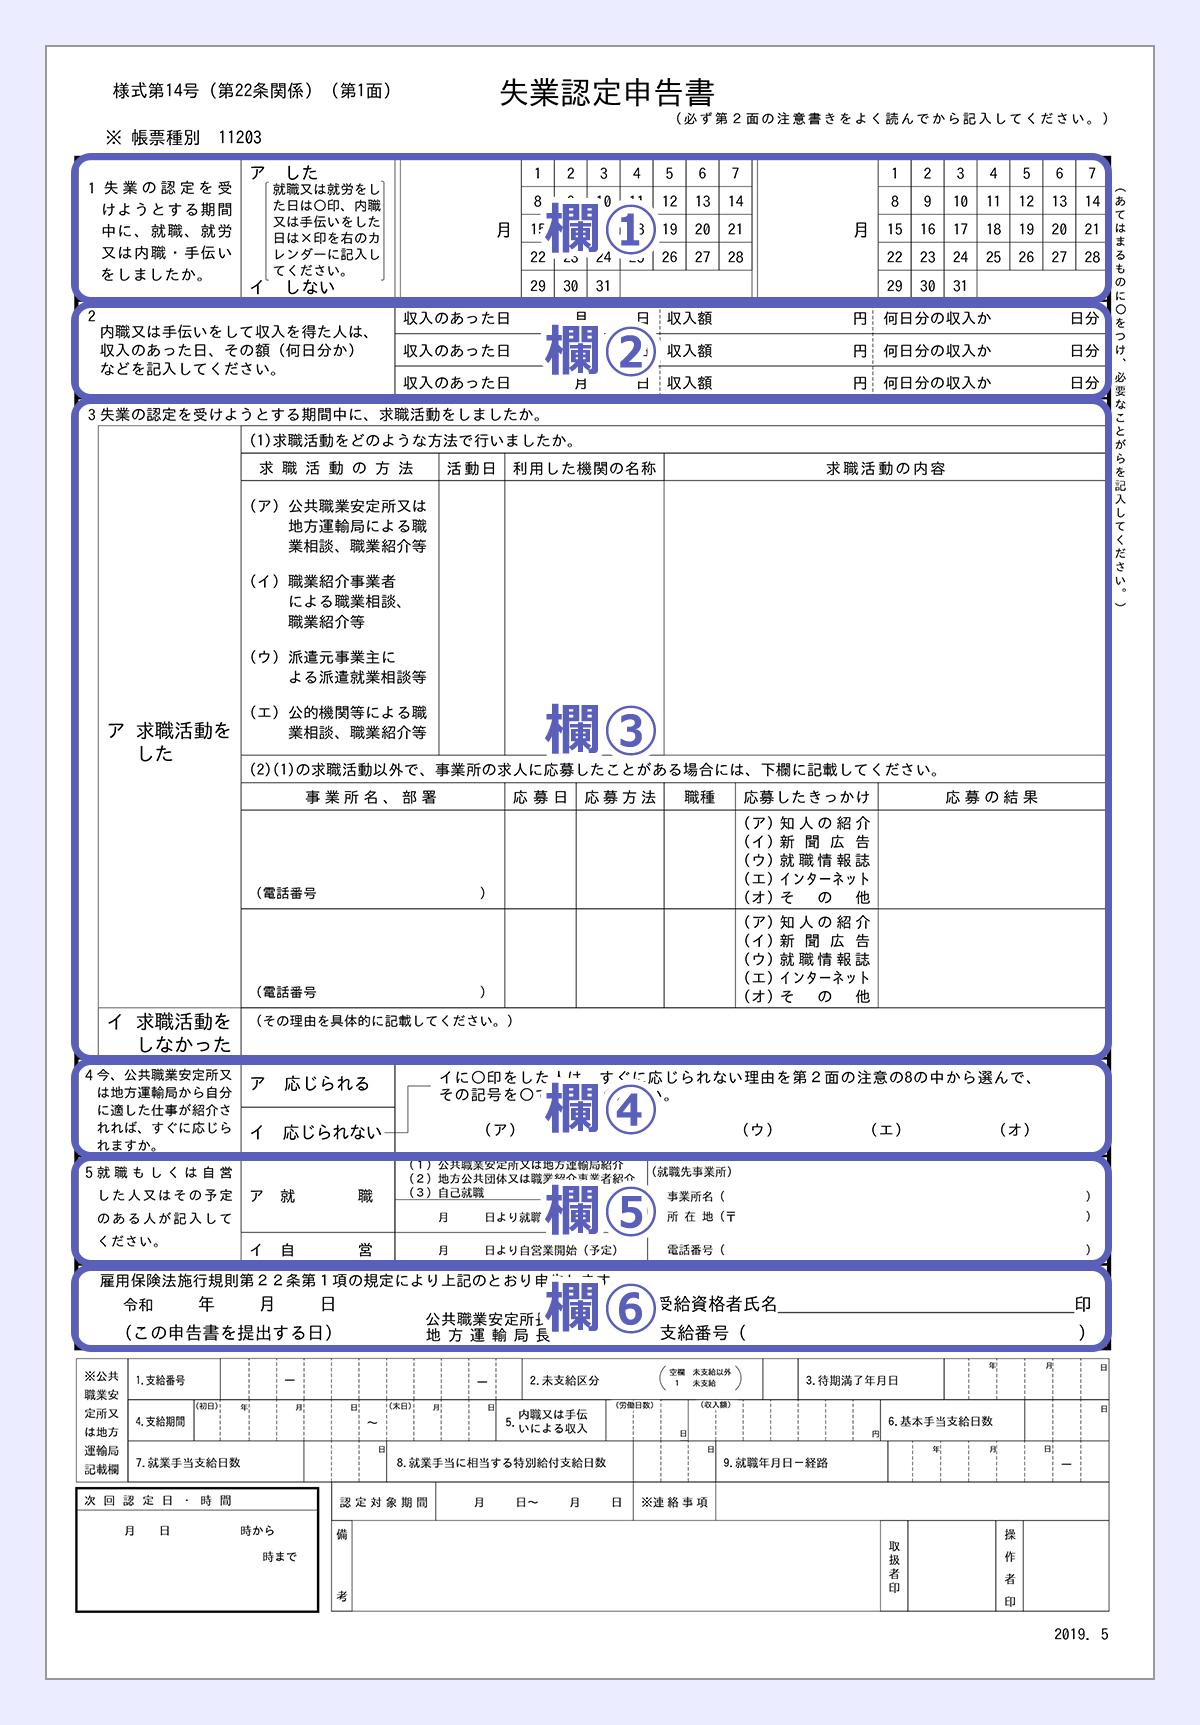 【失業認定申告書のサンプル】